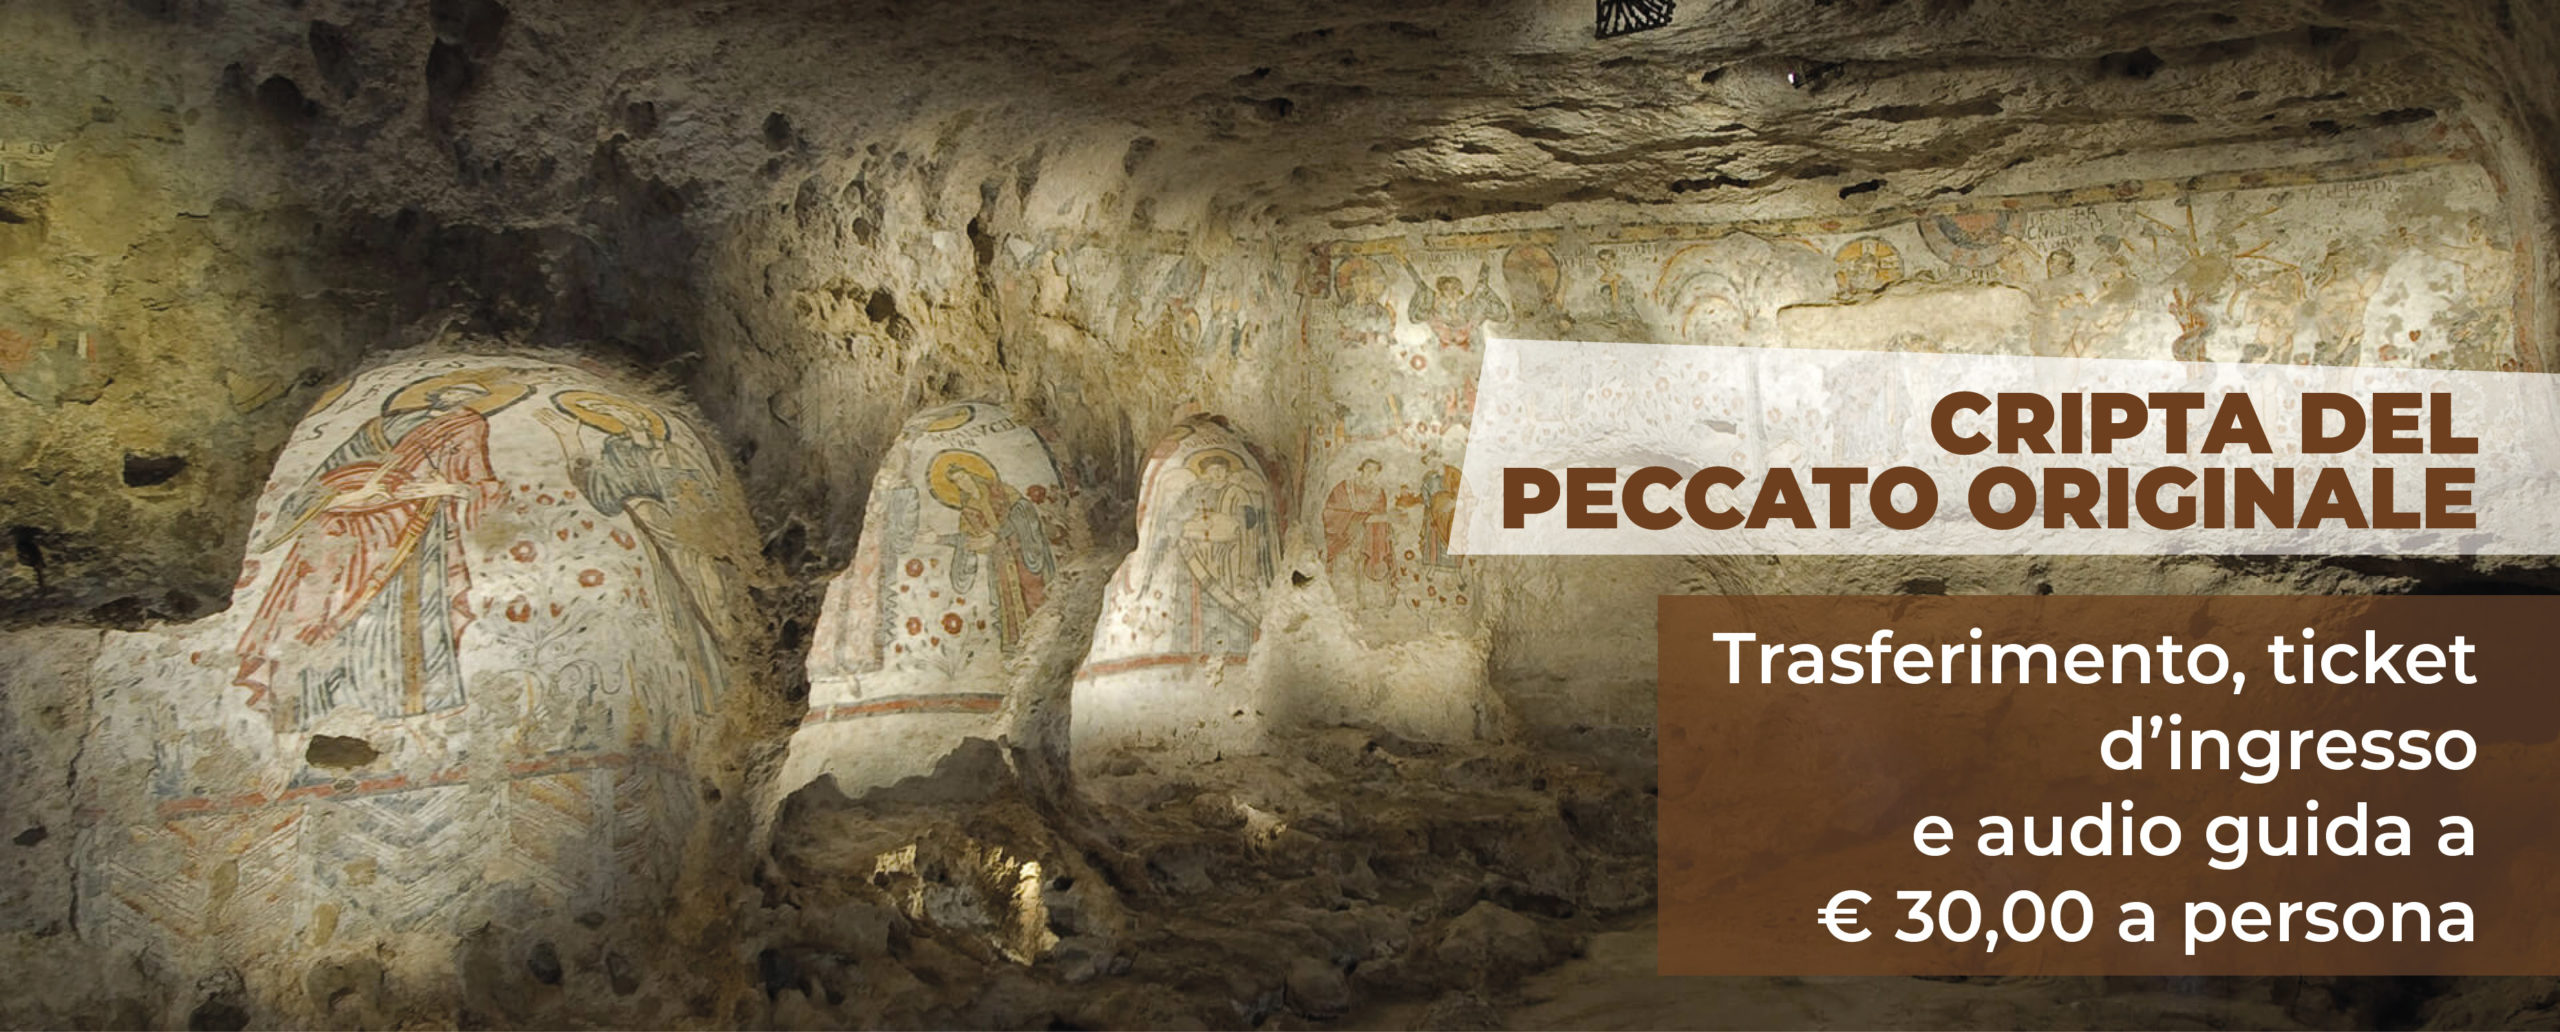 Tour Cripta del Peccato Originale – Martulli Viaggi